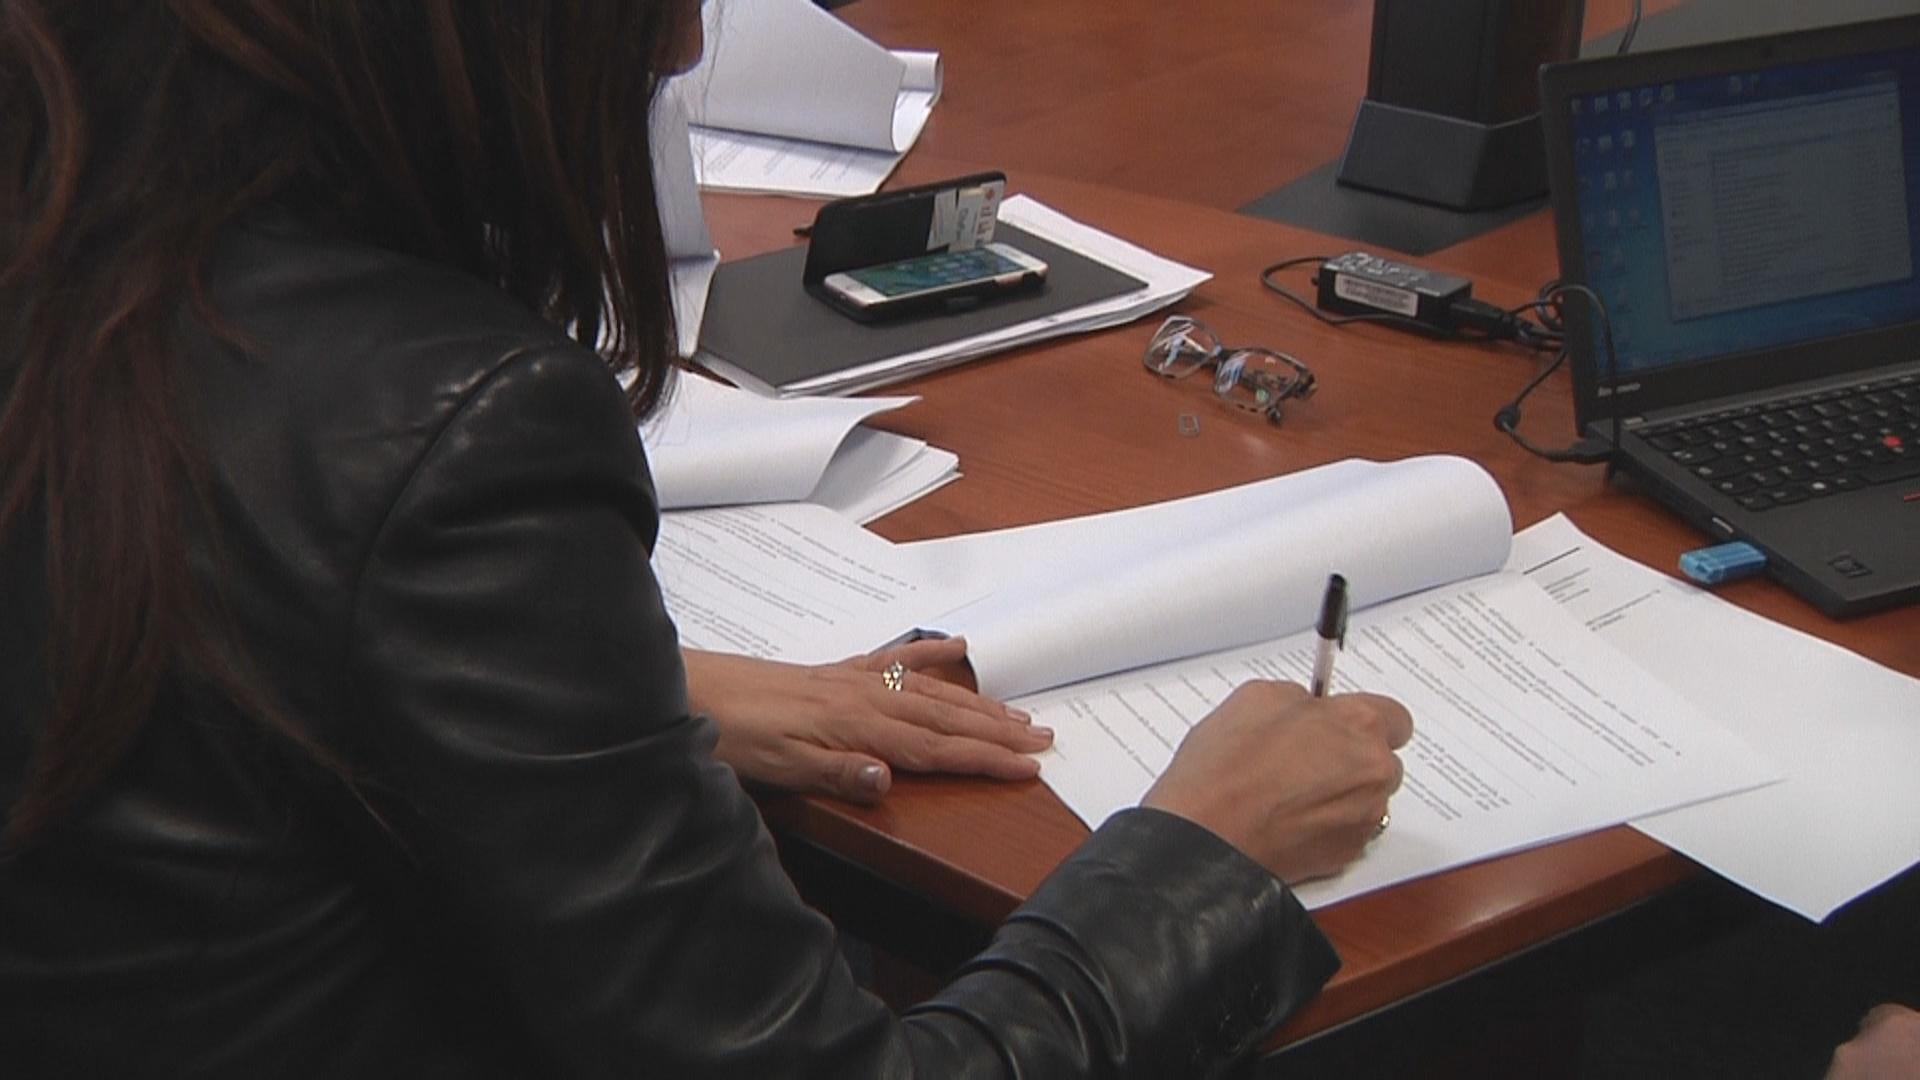 Tribunale Firenze – Messa alla prova, firmato un protocollo per rendere l'istituto più agevole e fruibile da parte dei cittadini